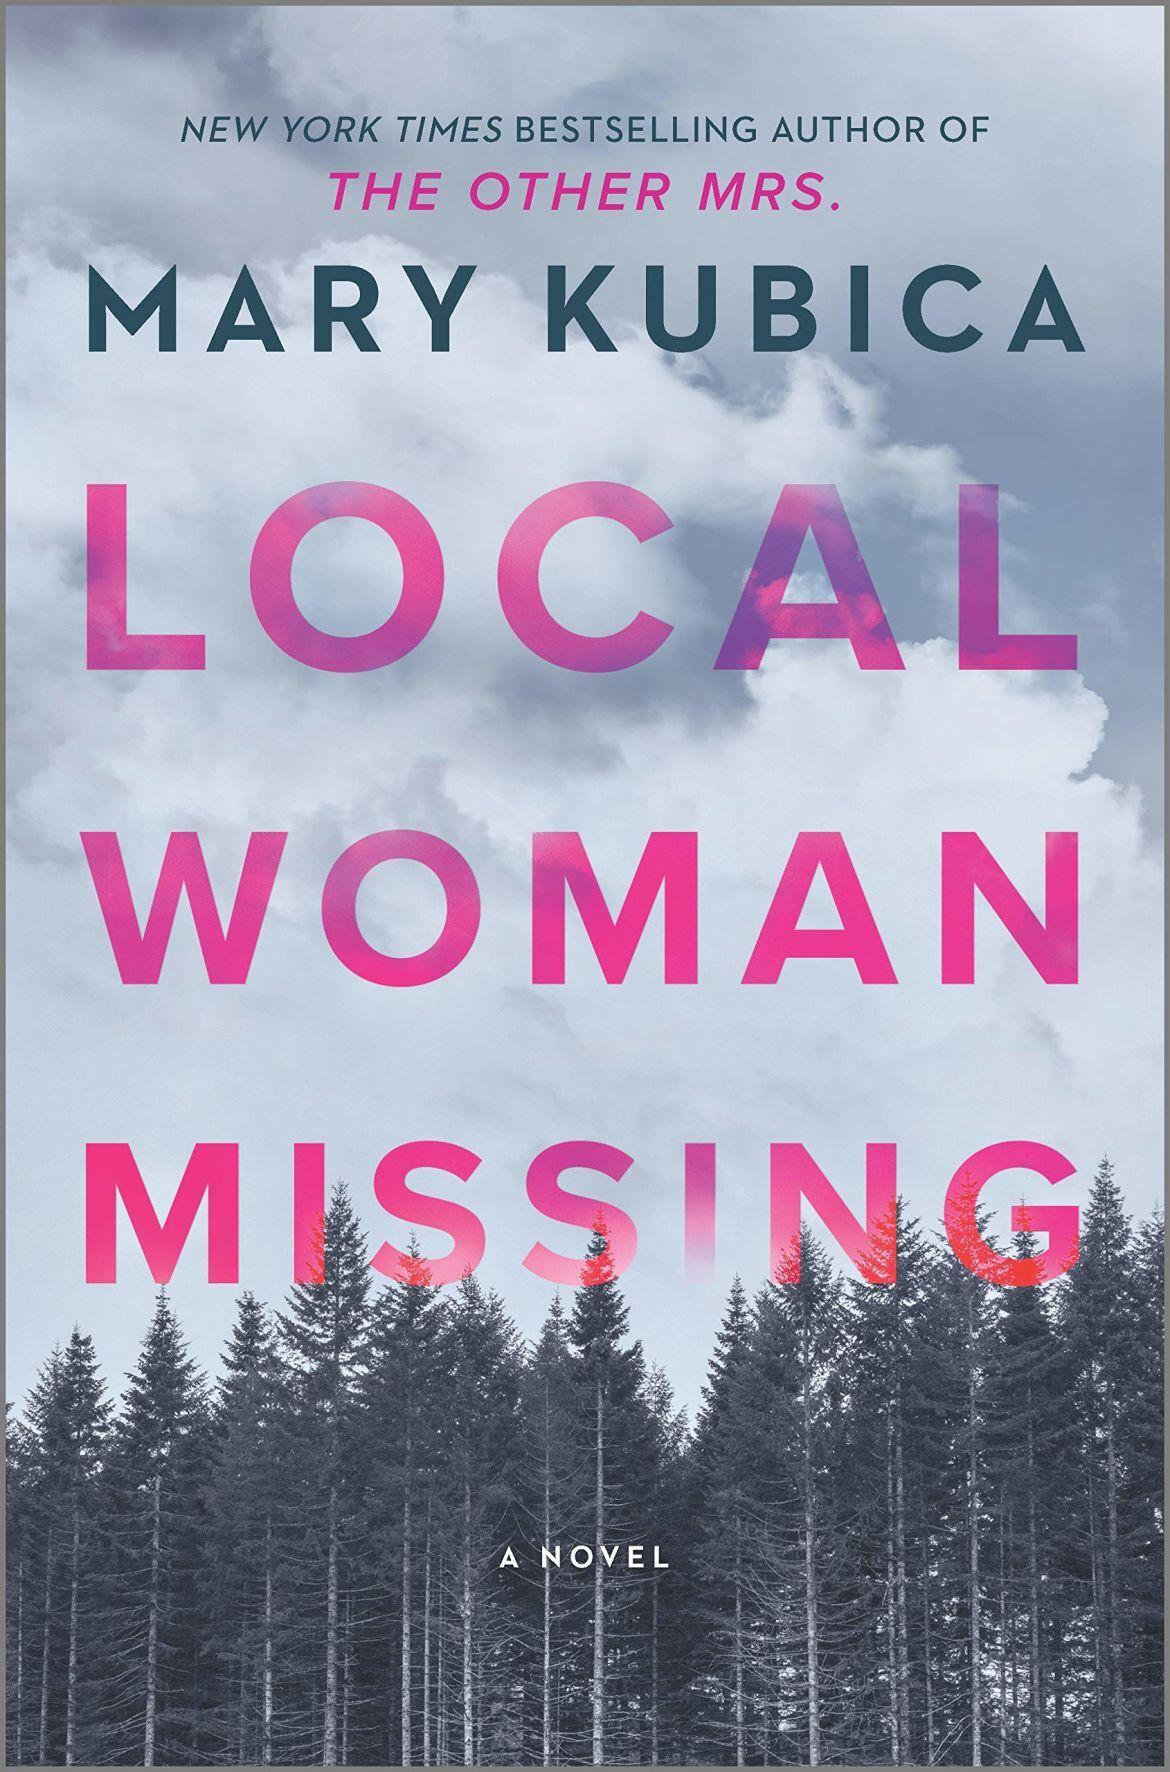 inklings - local woman missing.jpg